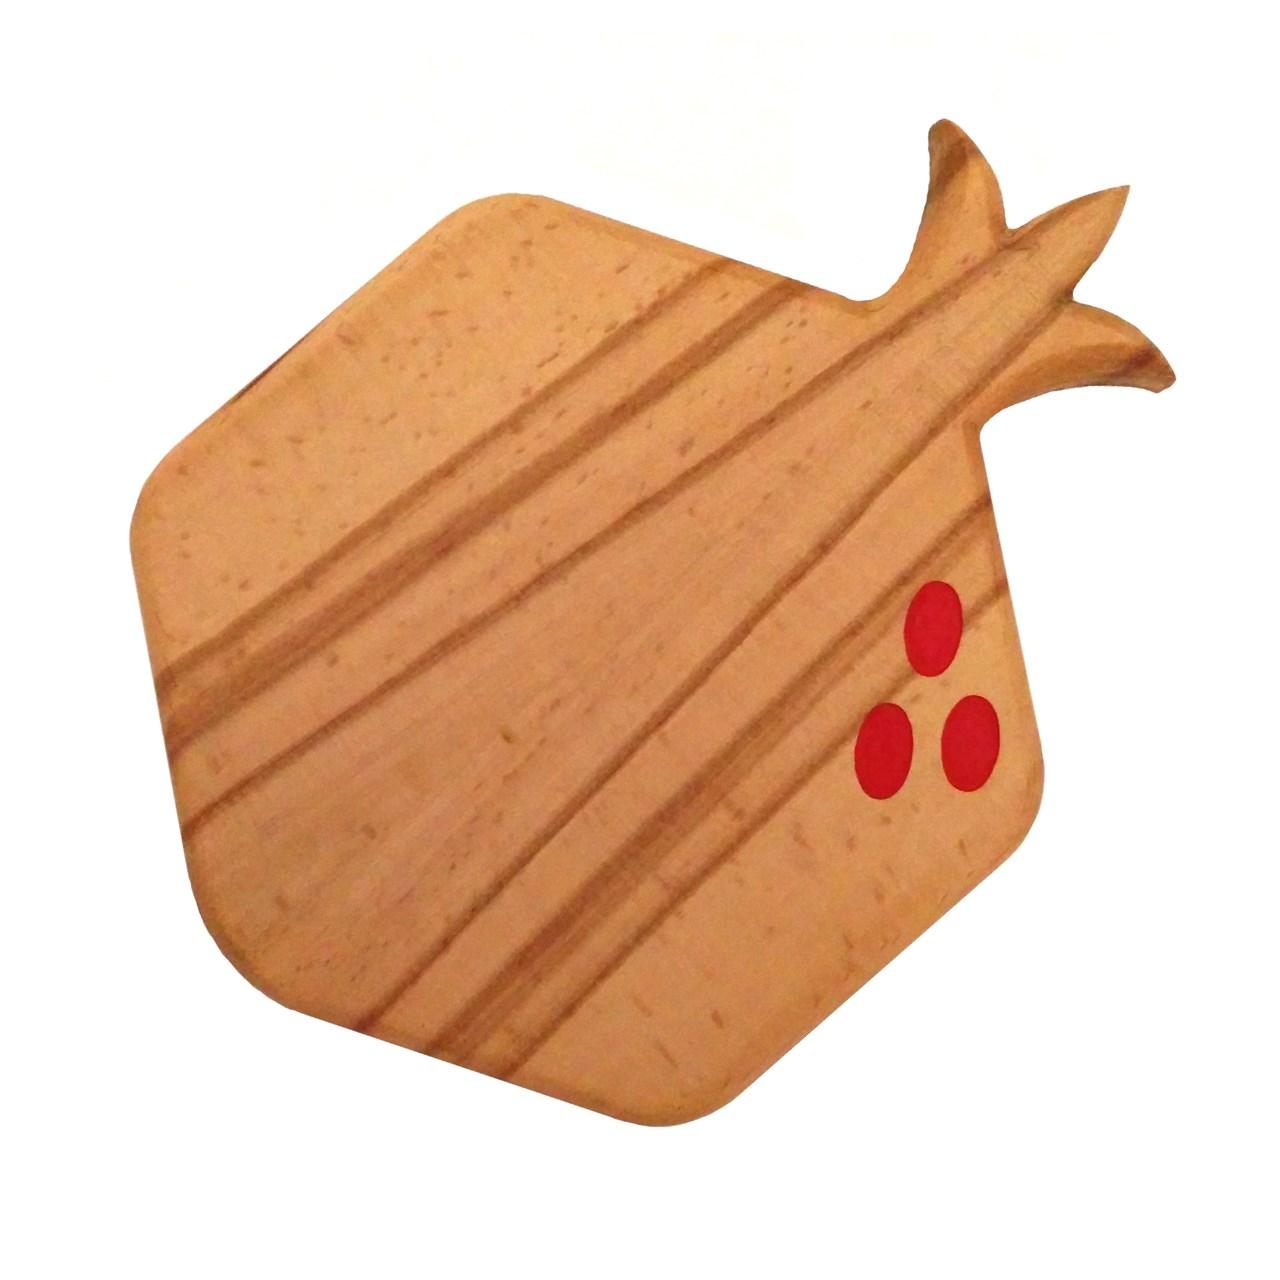 تخته سرو چوبی تی دار مدل Tt02